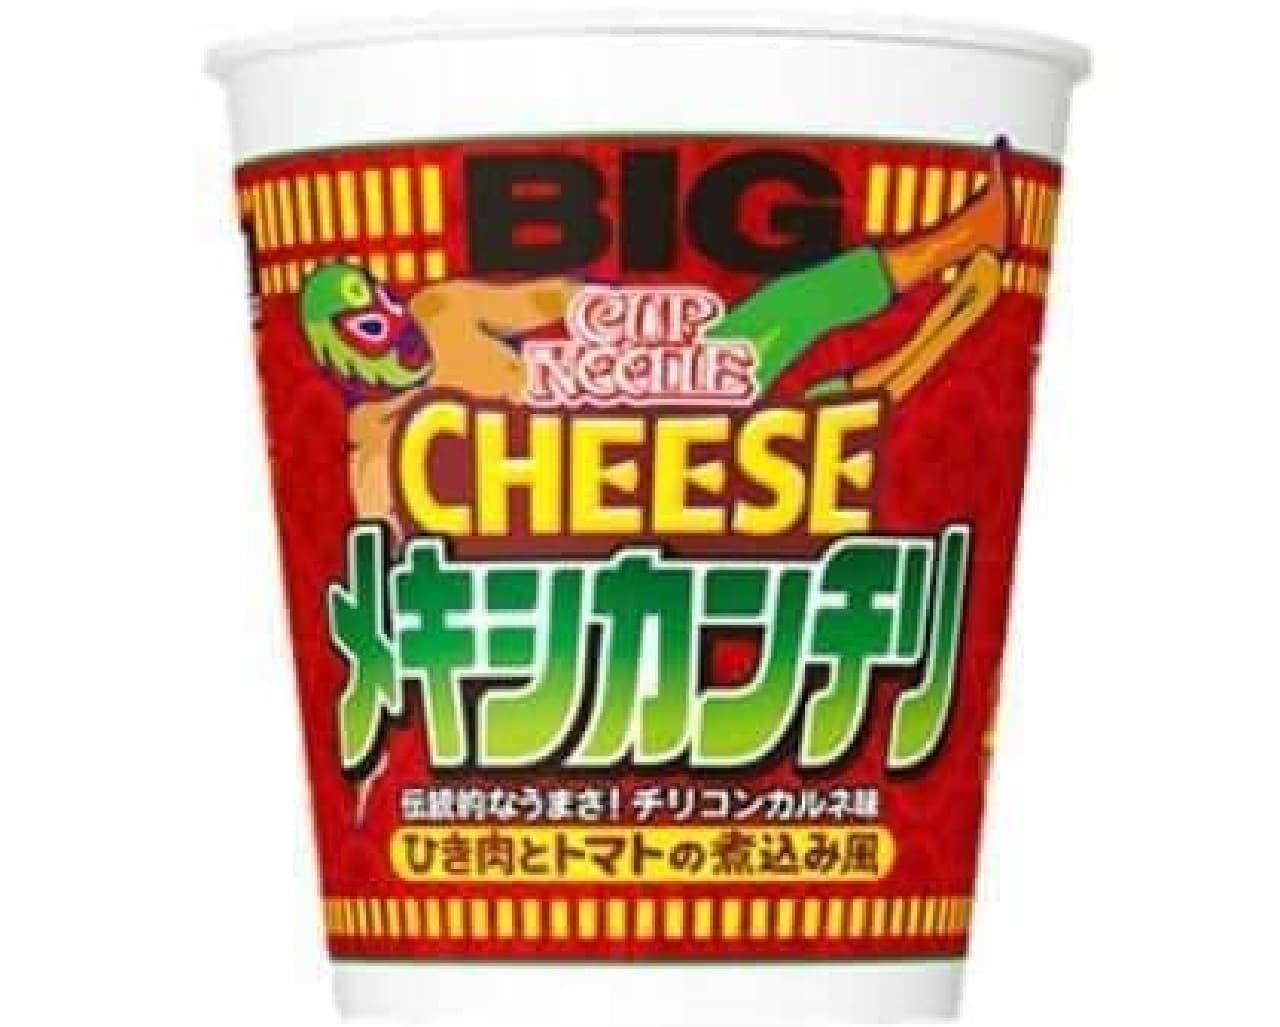 「カップヌードル チーズメキシカンチリ ビッグ」